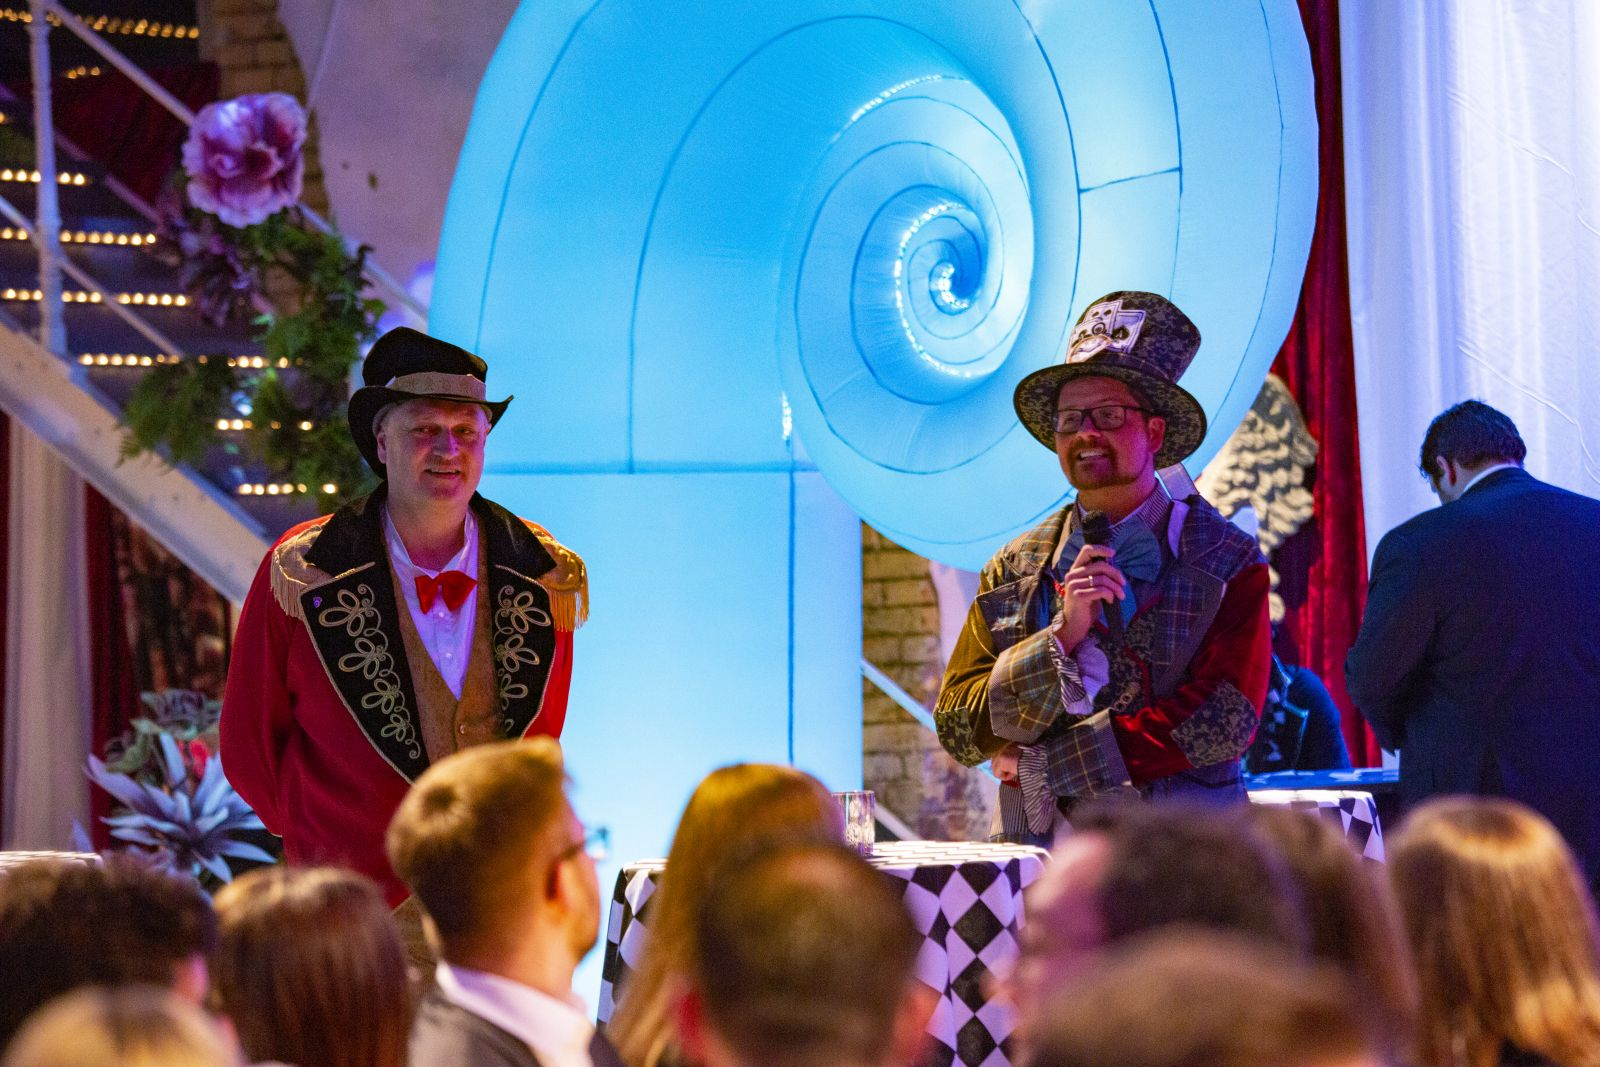 Weihnachtsfeier der Wirtschaftsjunioren Karlsruhe 2019 unter dem Motto Alice im Wunderland. Vorsitzender Thomas Neumann und aus dem Freundeskreis Volkmar Triebel bei der Ansprache